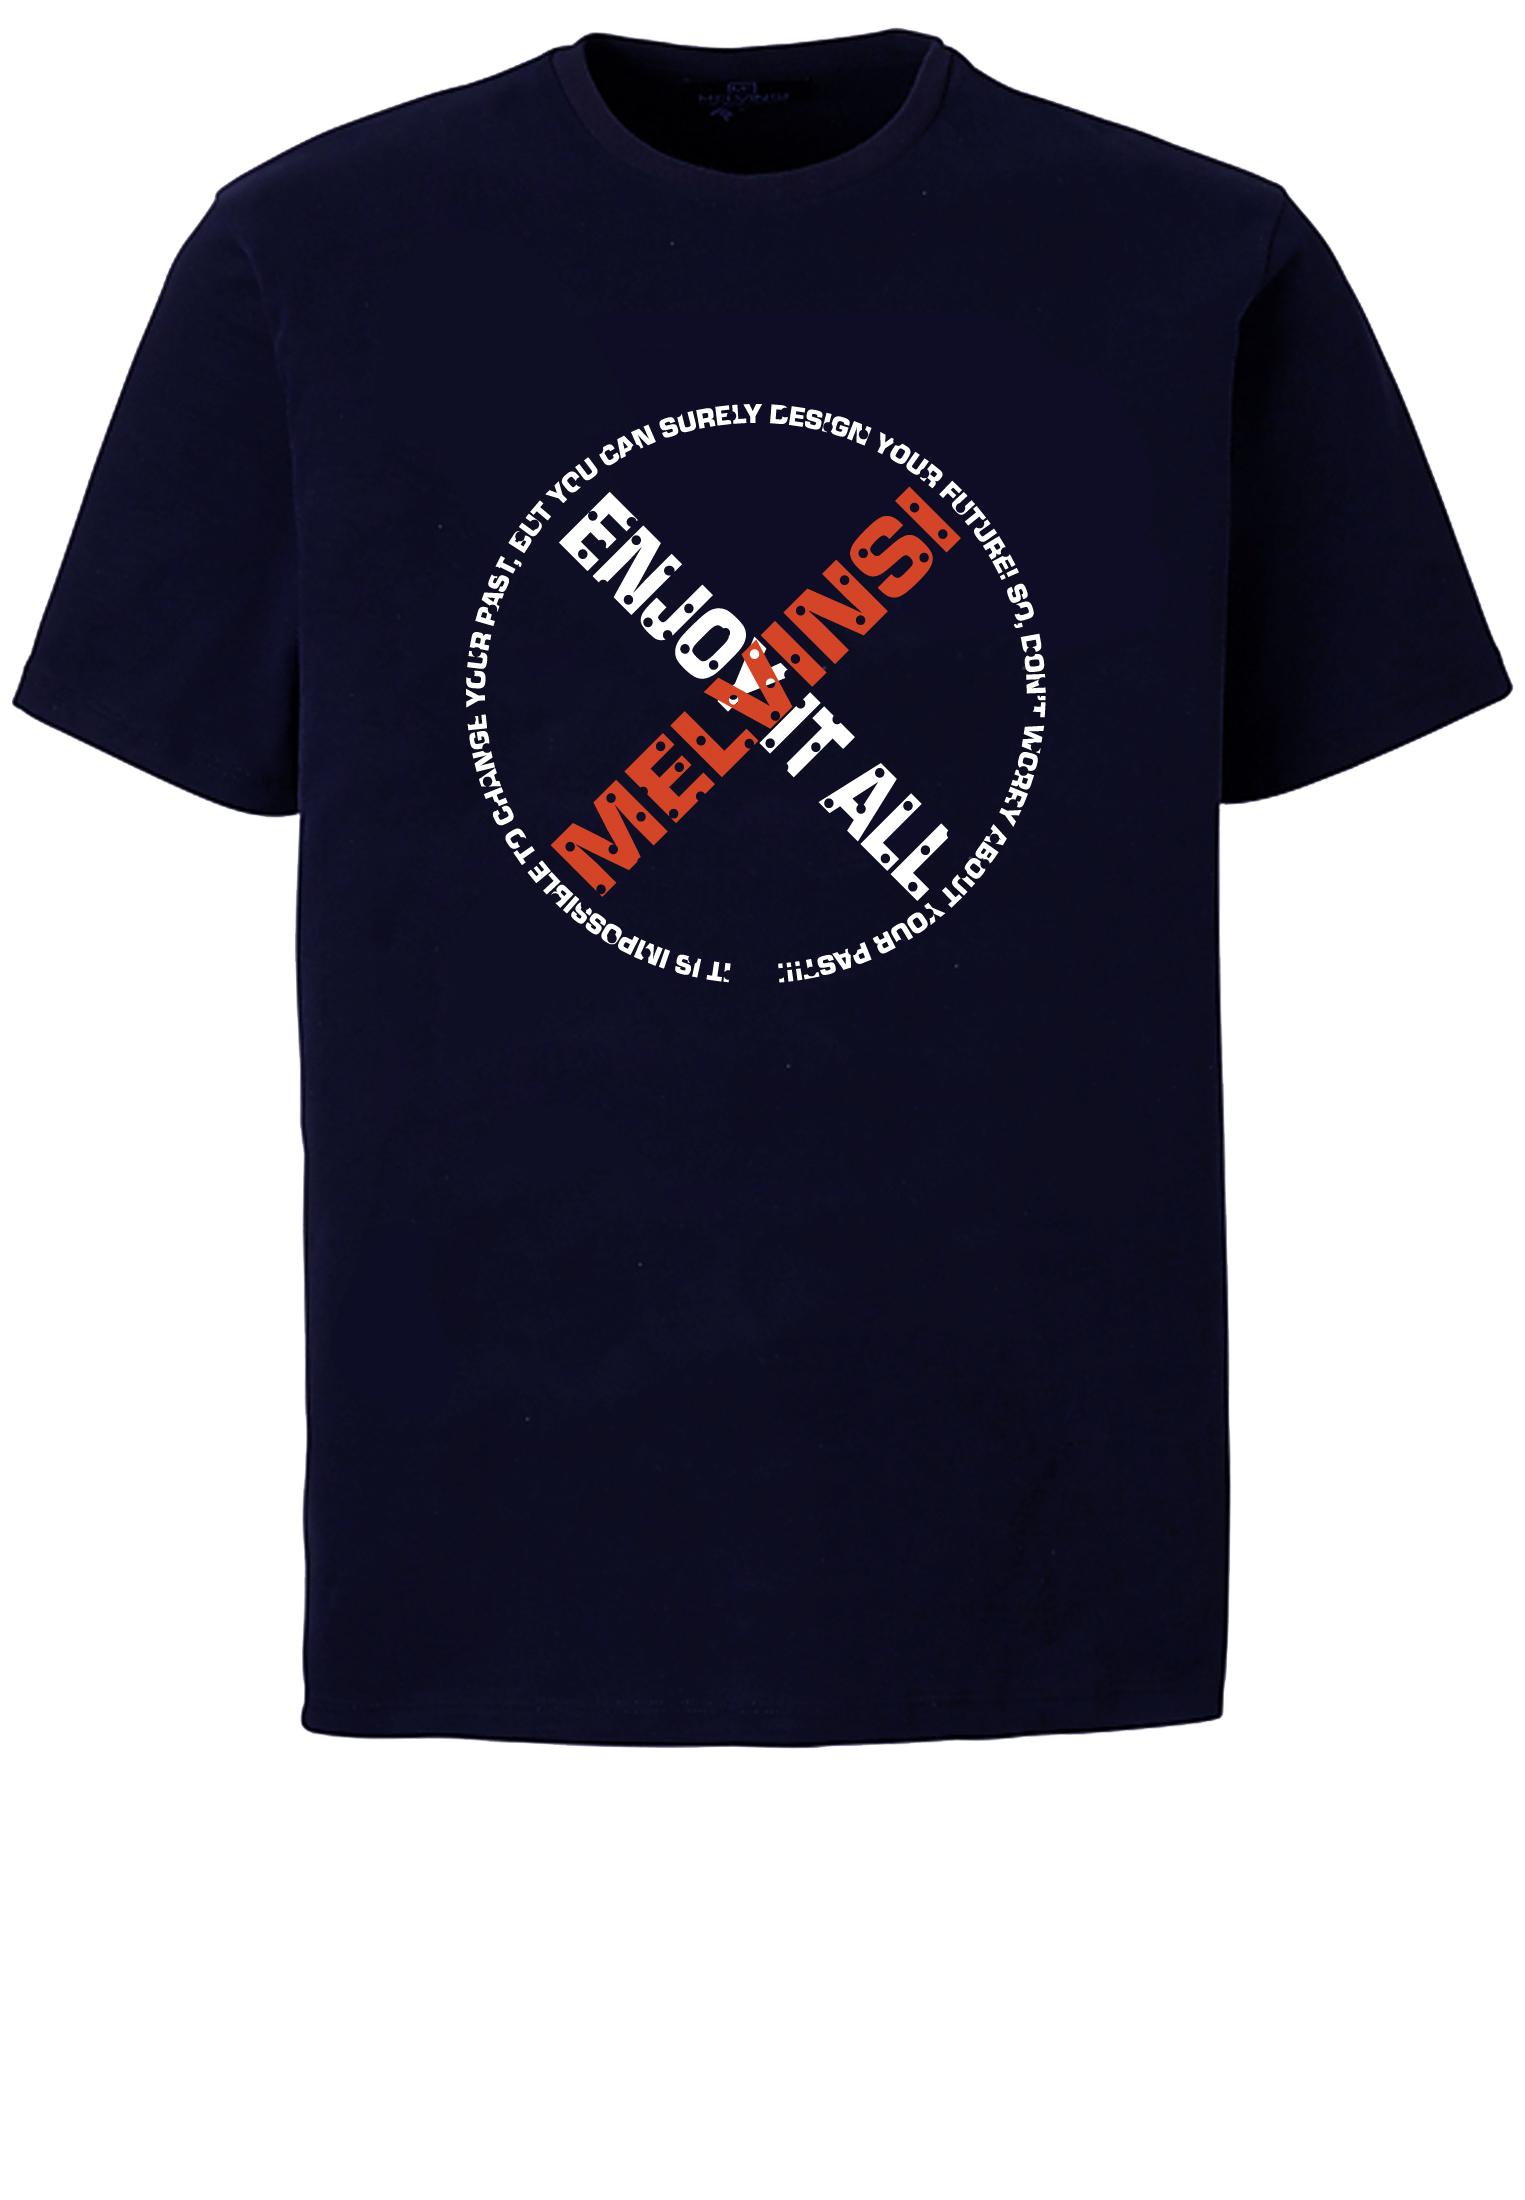 Blauw T-shirt van Melvinsi met mooie print en ronde hals. Gemaakt van zacht katoen voor optimaal draagcomfort.